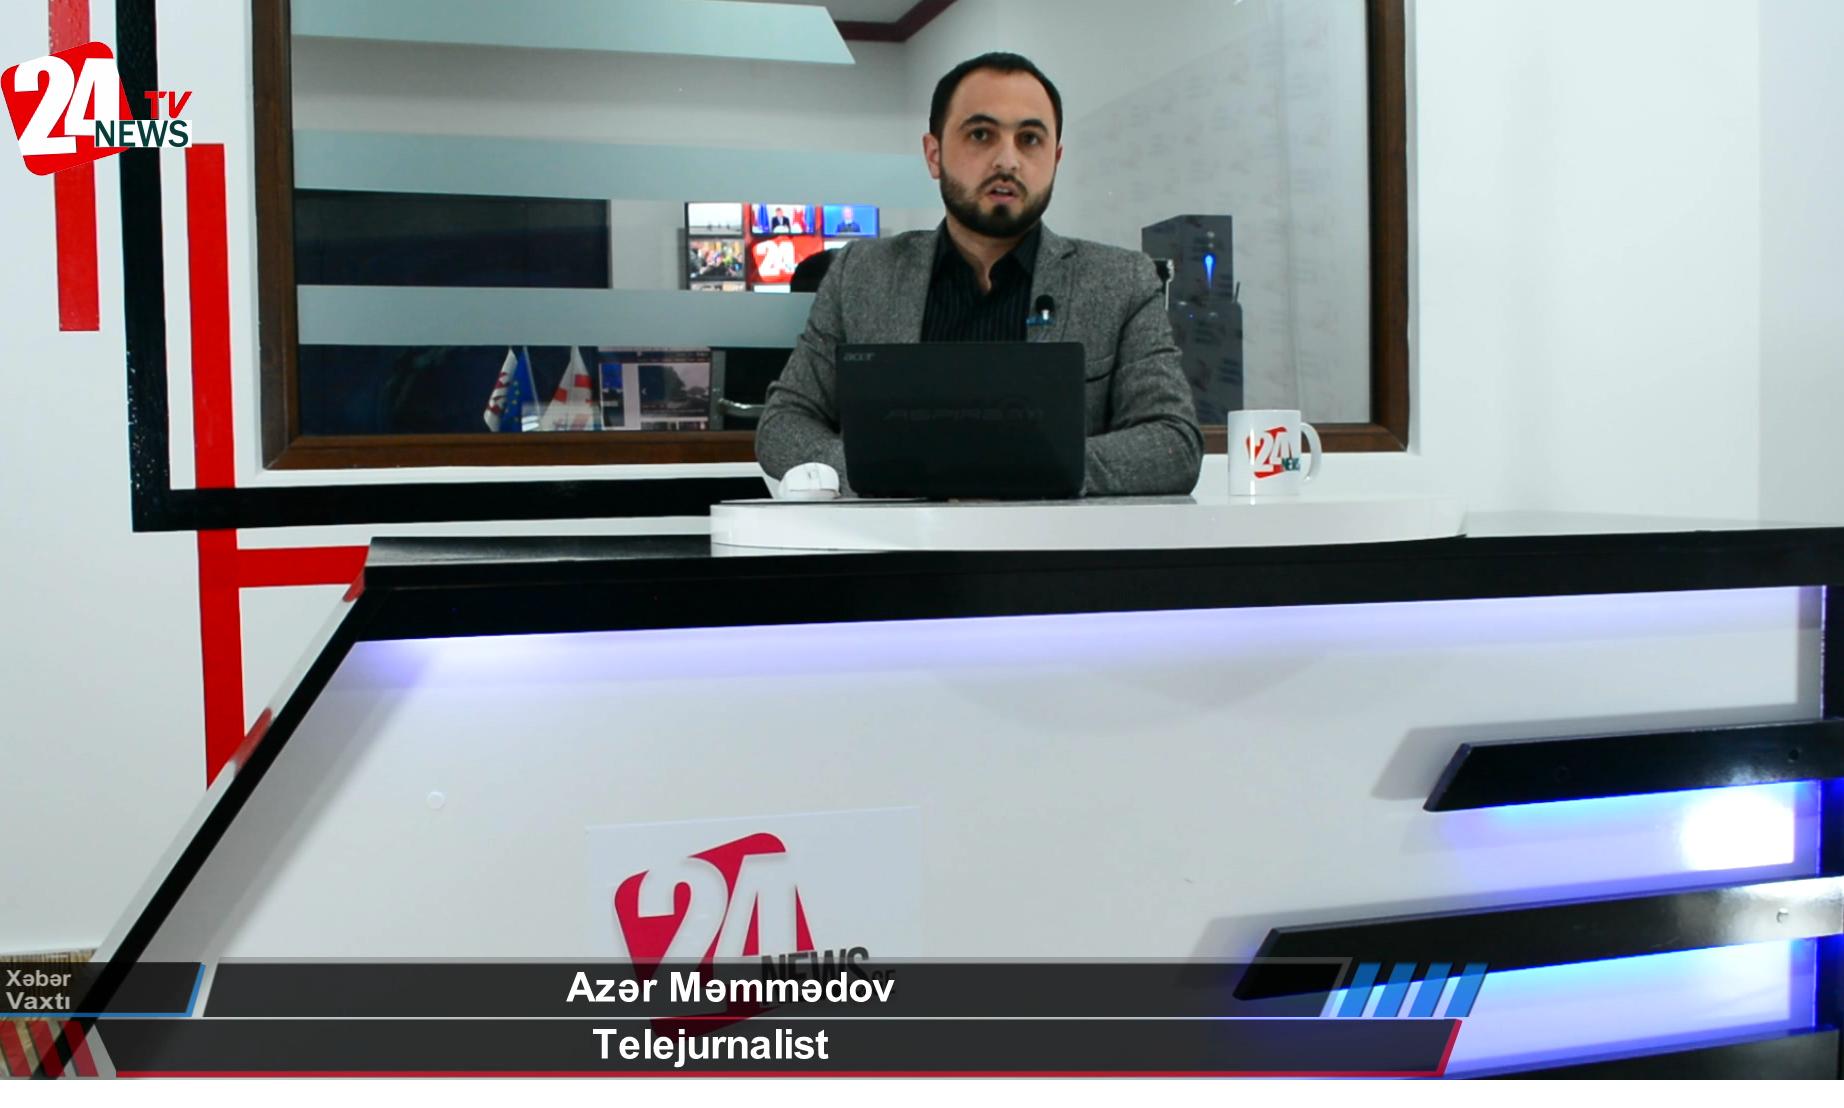 24News Tv-də Xəbər Vaxtı (12.04.2021) - (VİDEO)